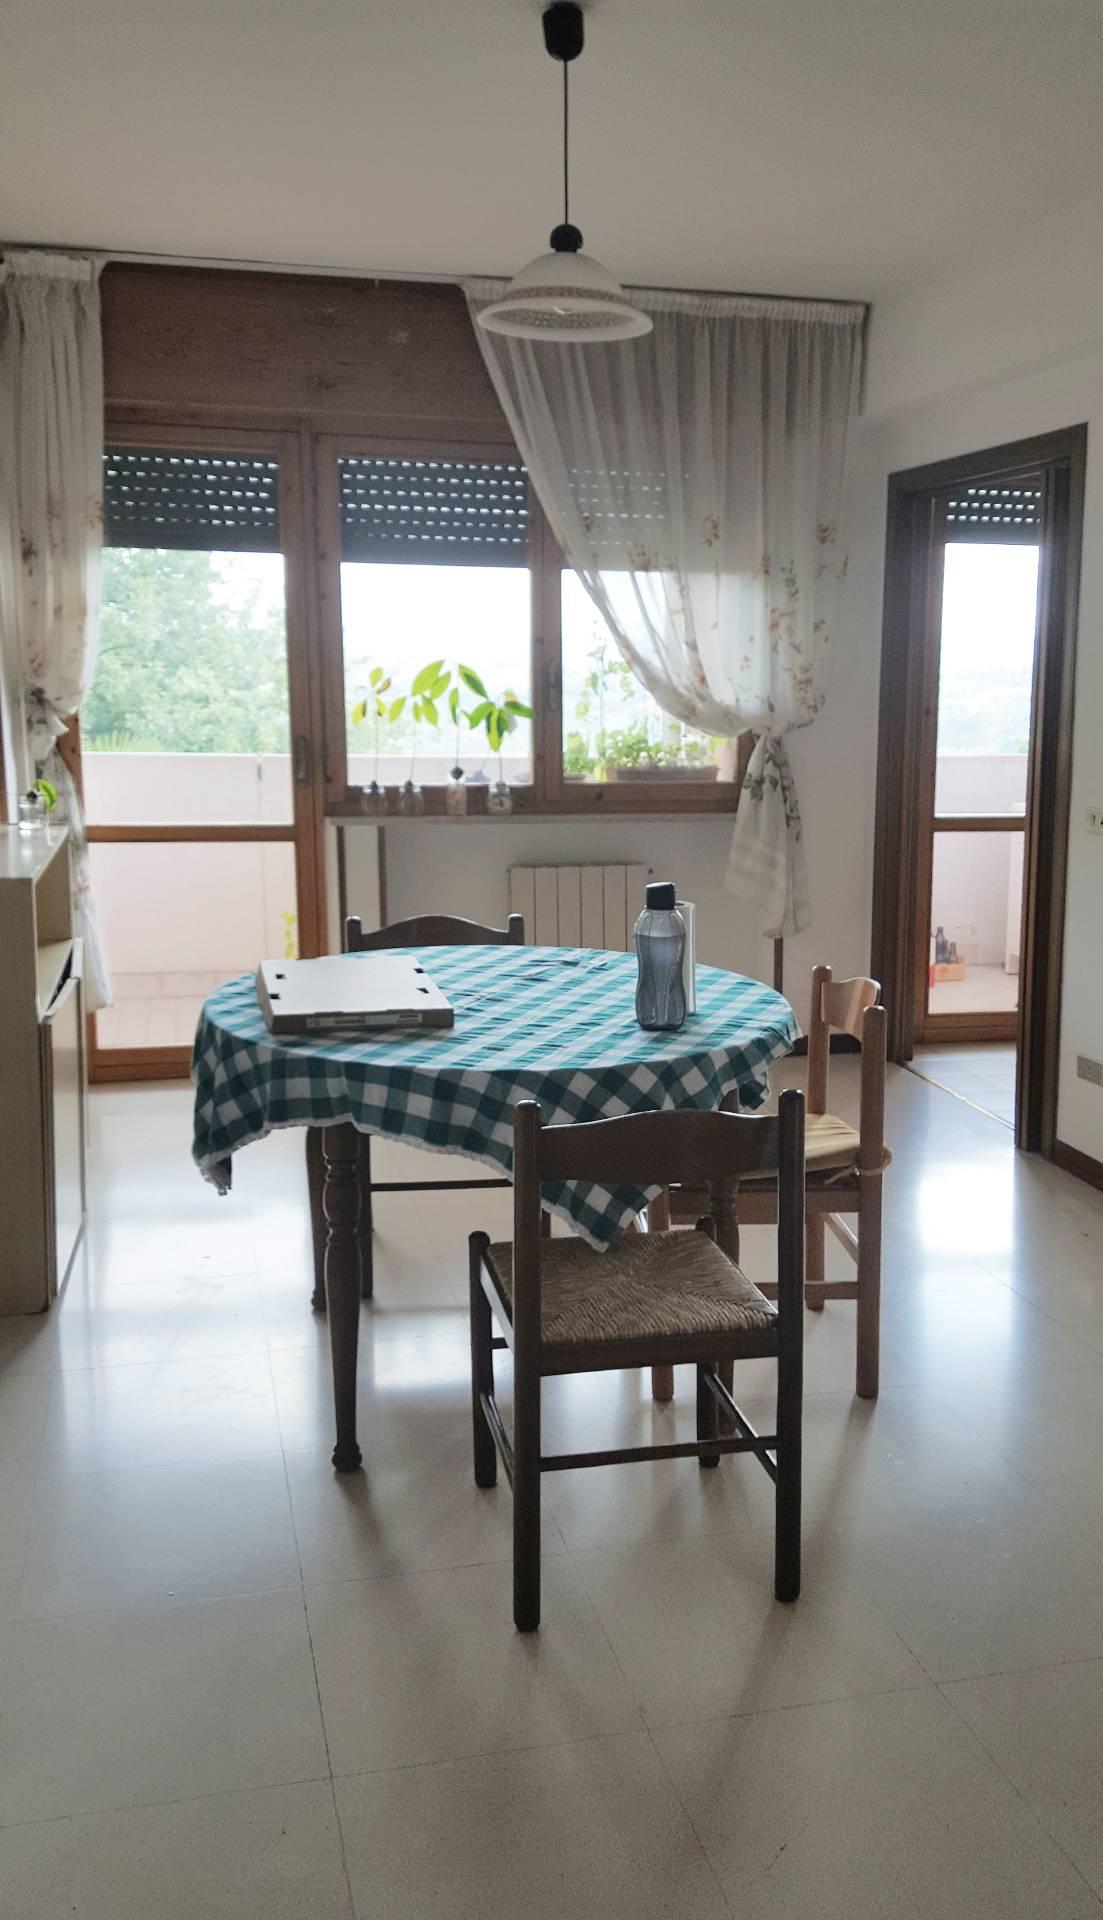 Appartamento in affitto a Teramo, 6 locali, zona Zona: Semicentro , prezzo € 150 | Cambio Casa.it